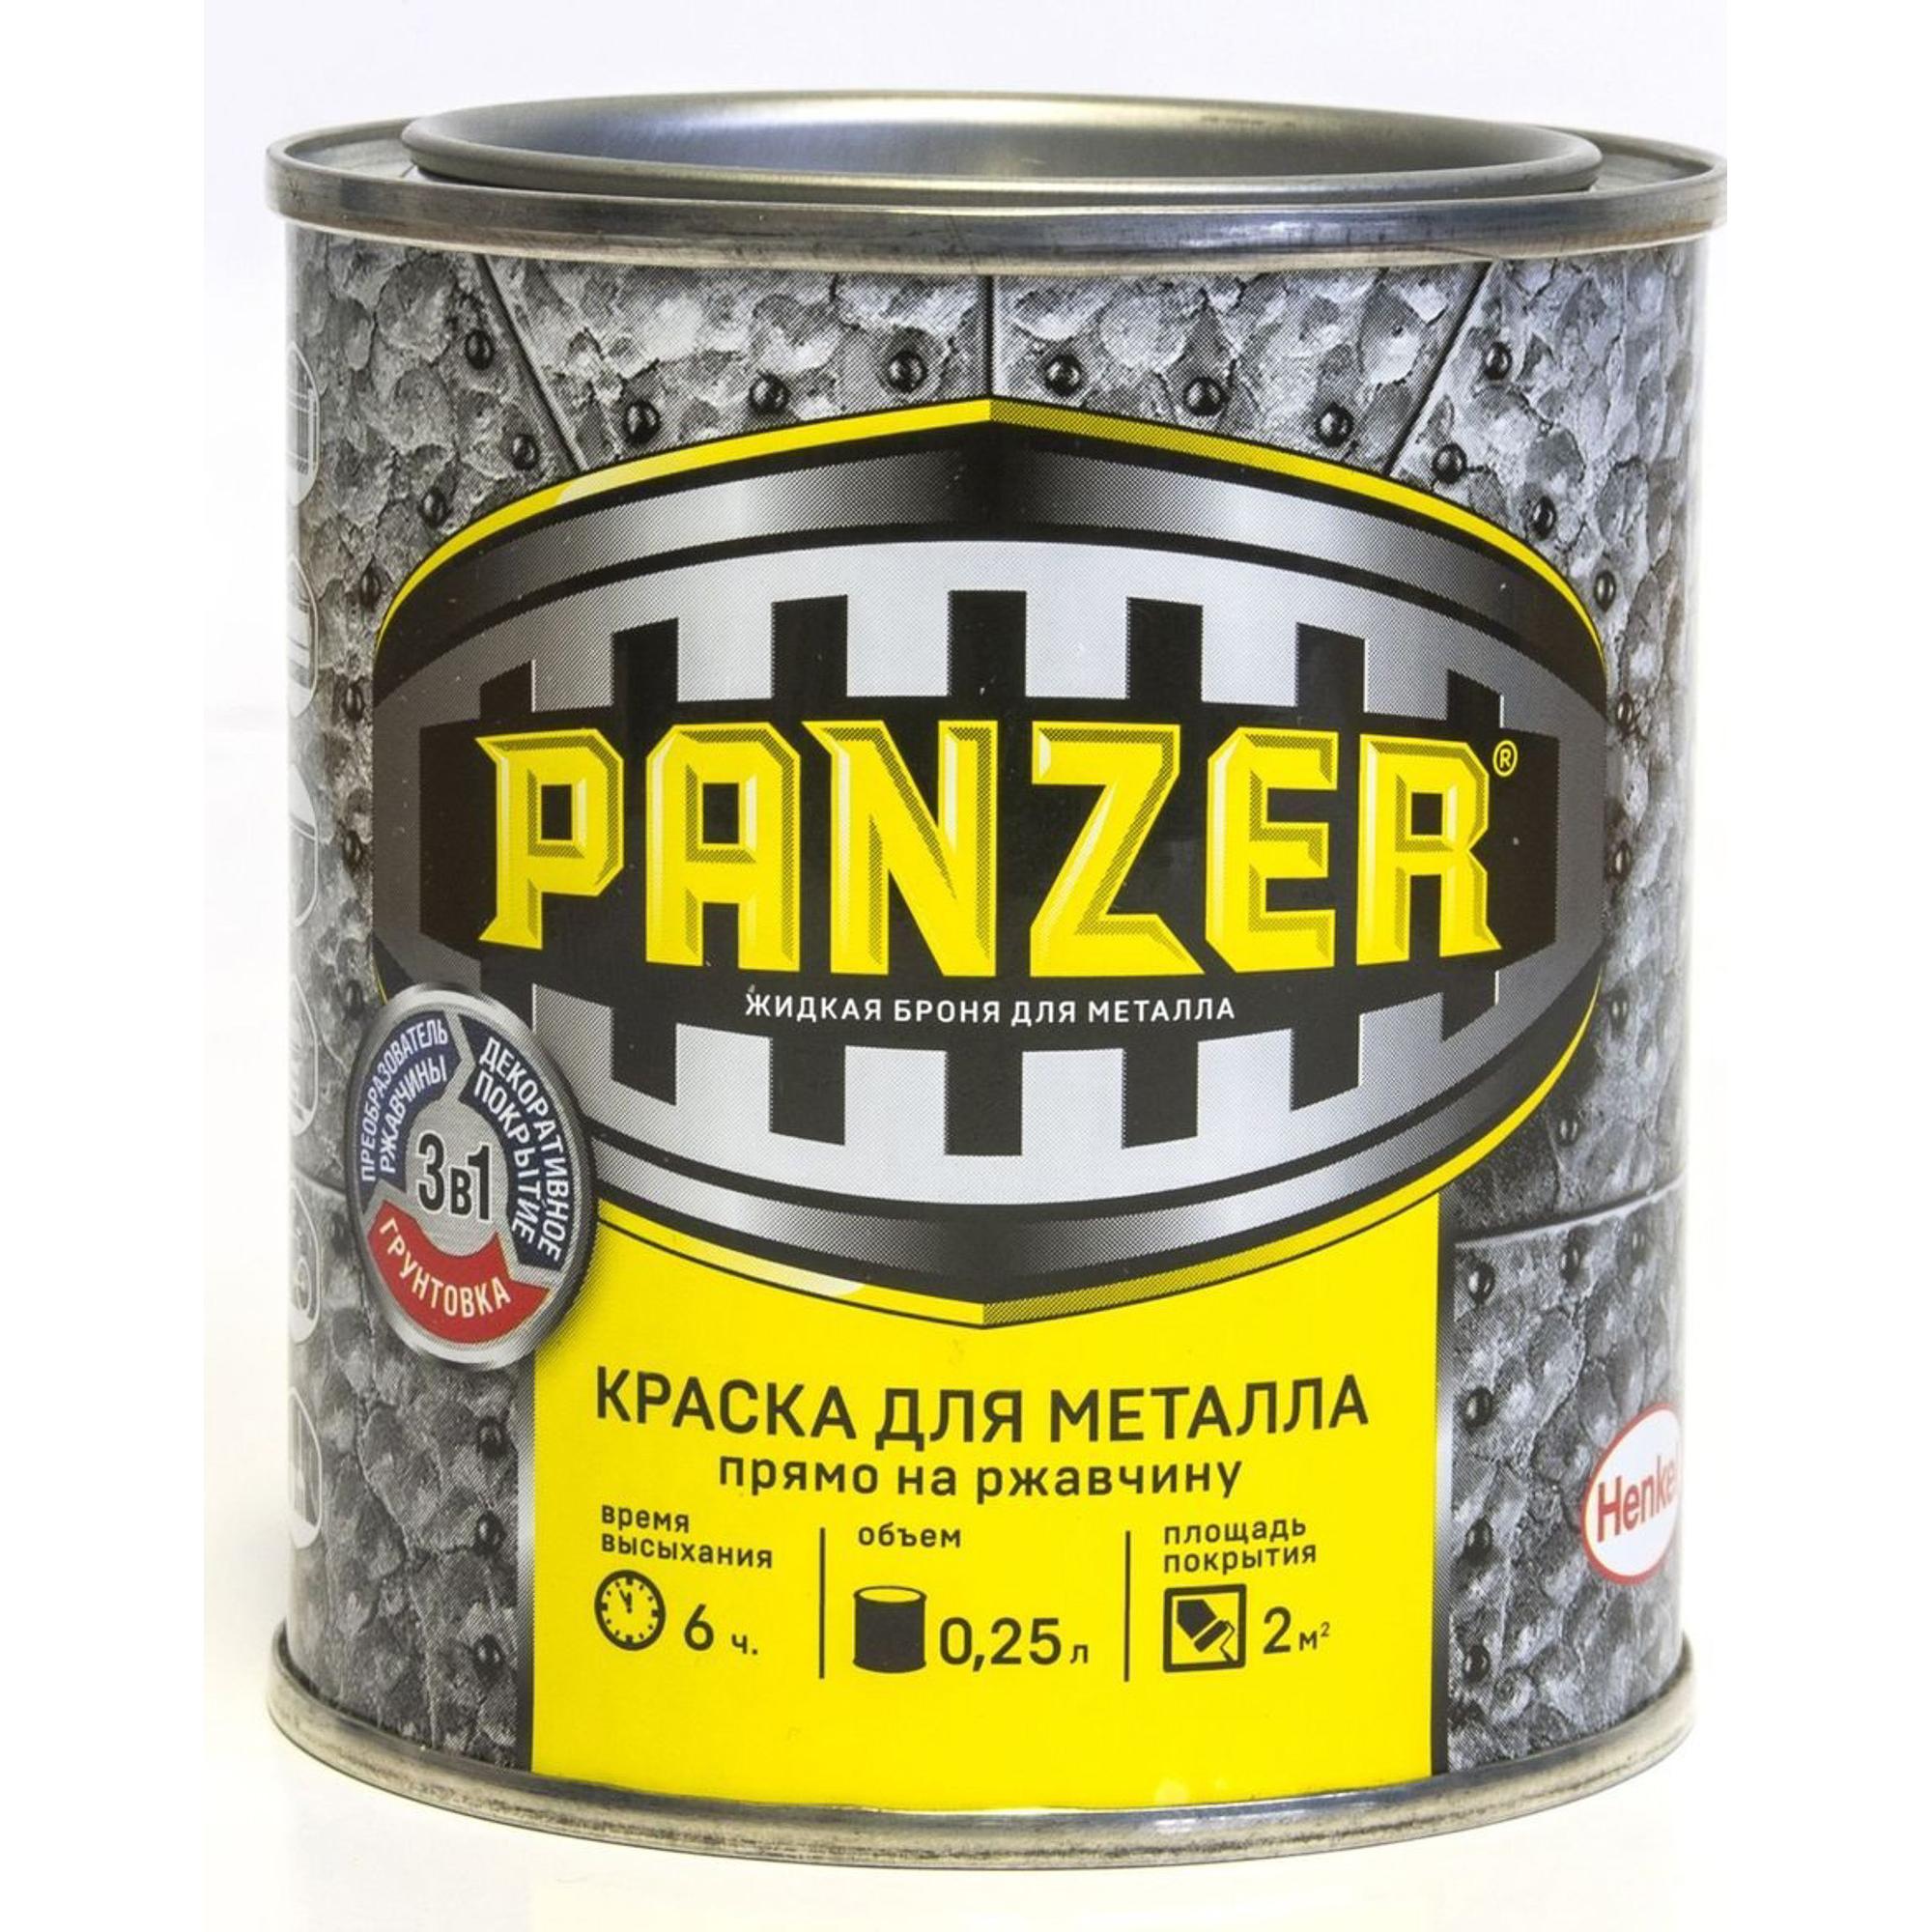 Краска для металла Panzer гладкая золотистая 0.25 л недорого